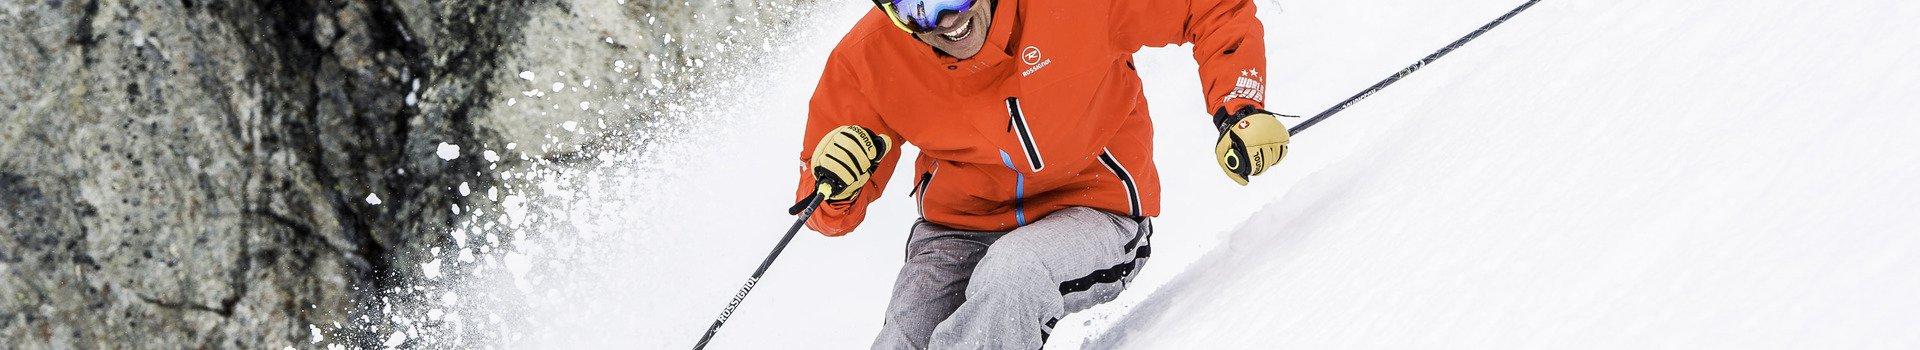 World Ski Test 2015/16 - wyniki! Najlepsze narty z kategorii ALLROUND MAN